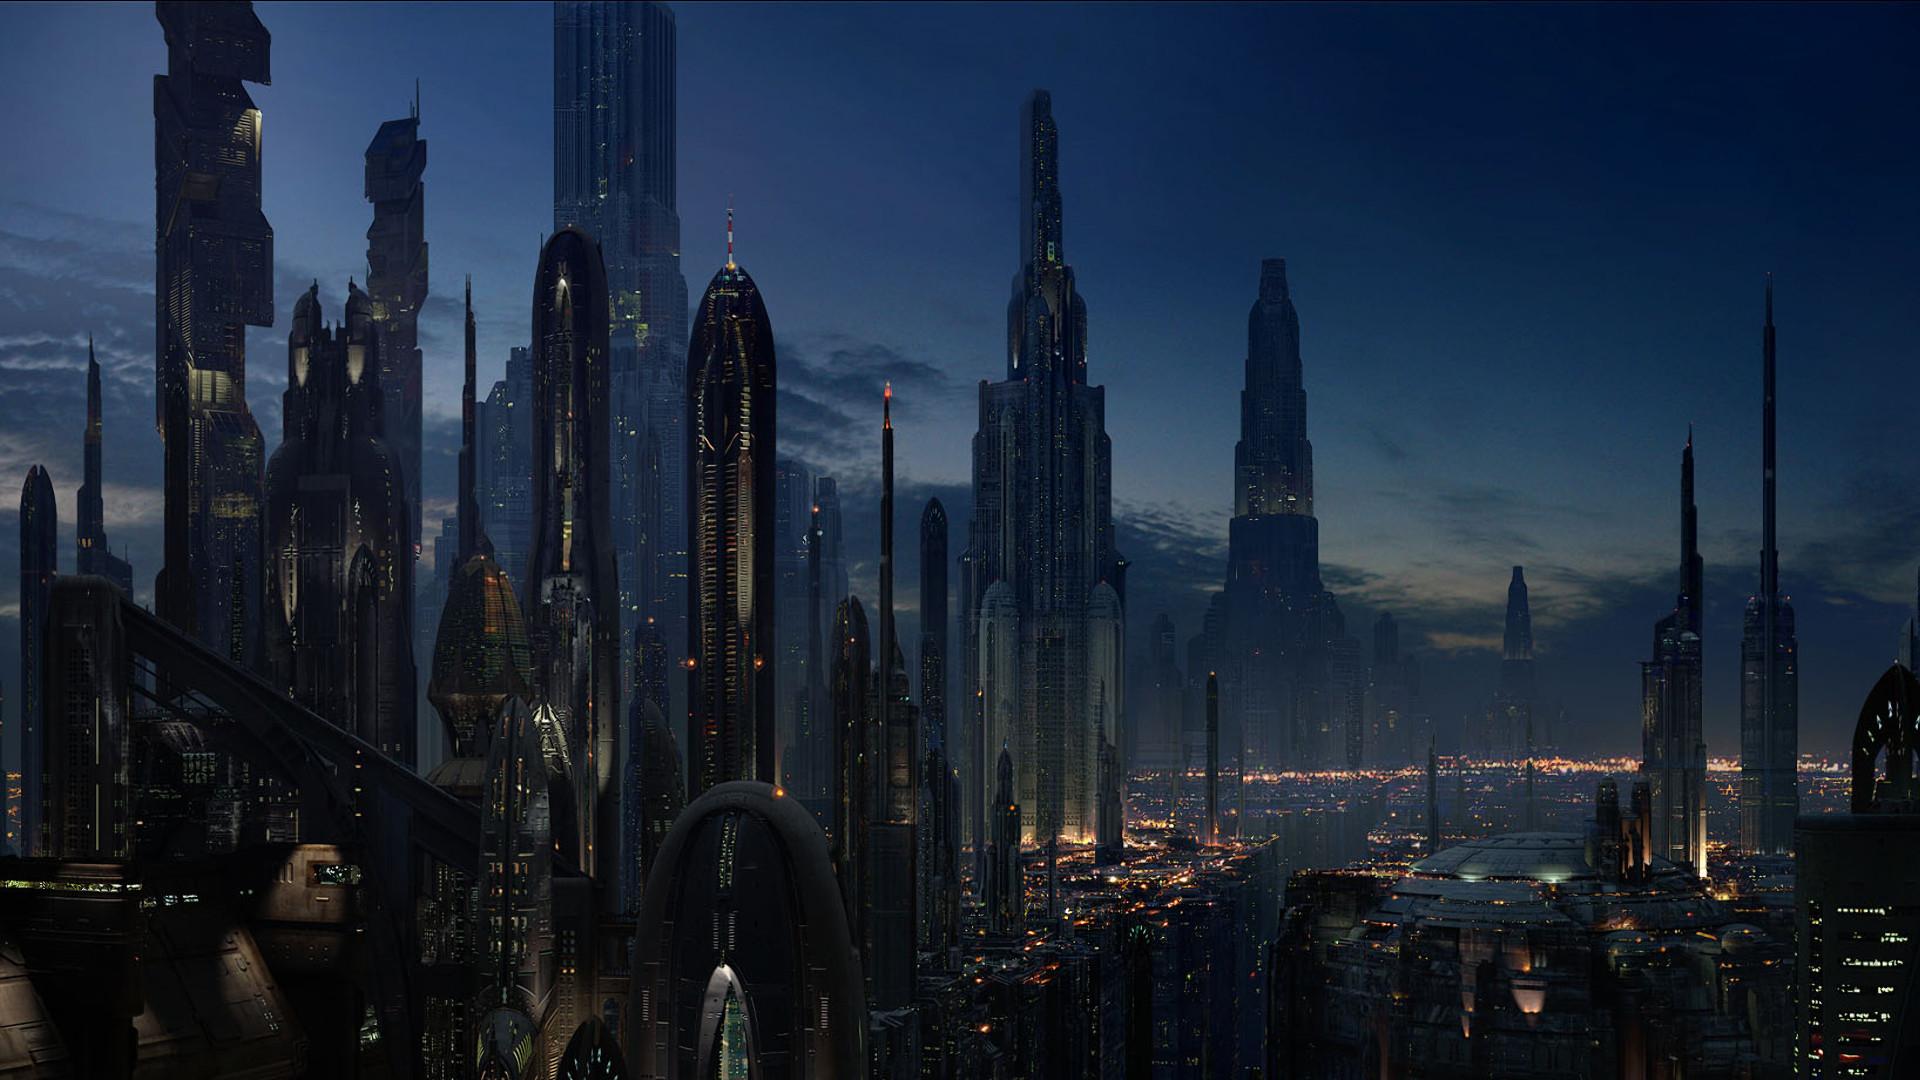 Futuristic City Wallpaper 29